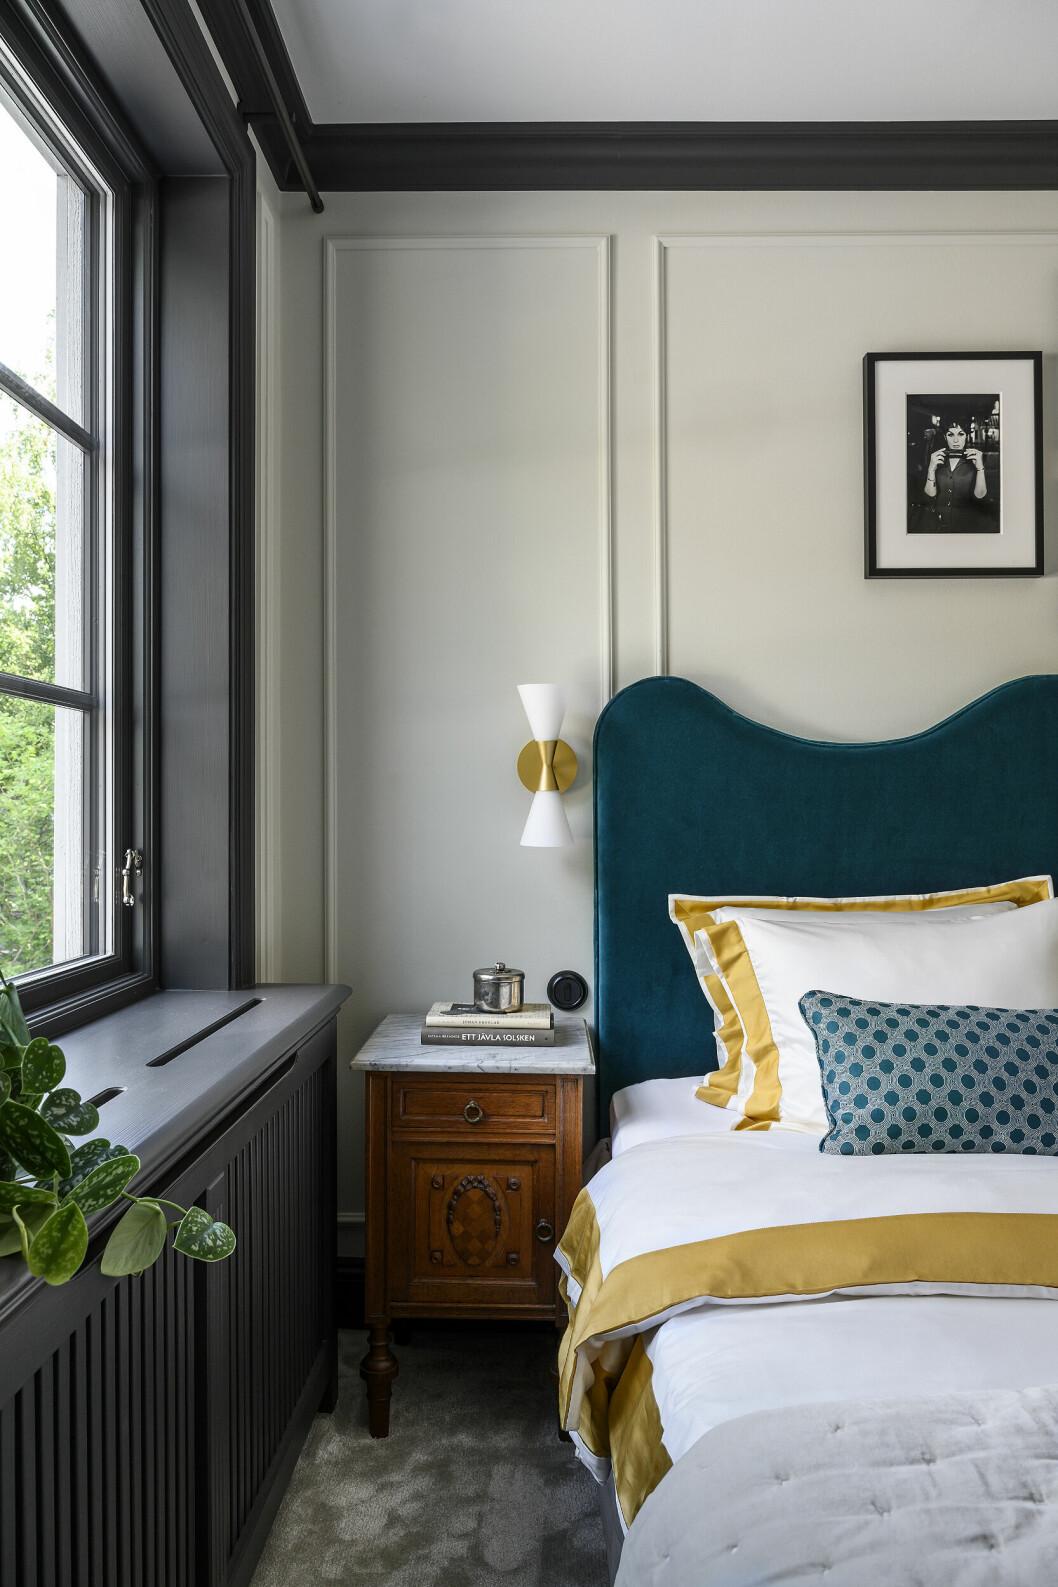 I rummet har man även skapat symmetri för ögat med matchande sänglampor och sängbord på vardera sidan om sängen. Detta gör att rummet känns lyxigt.